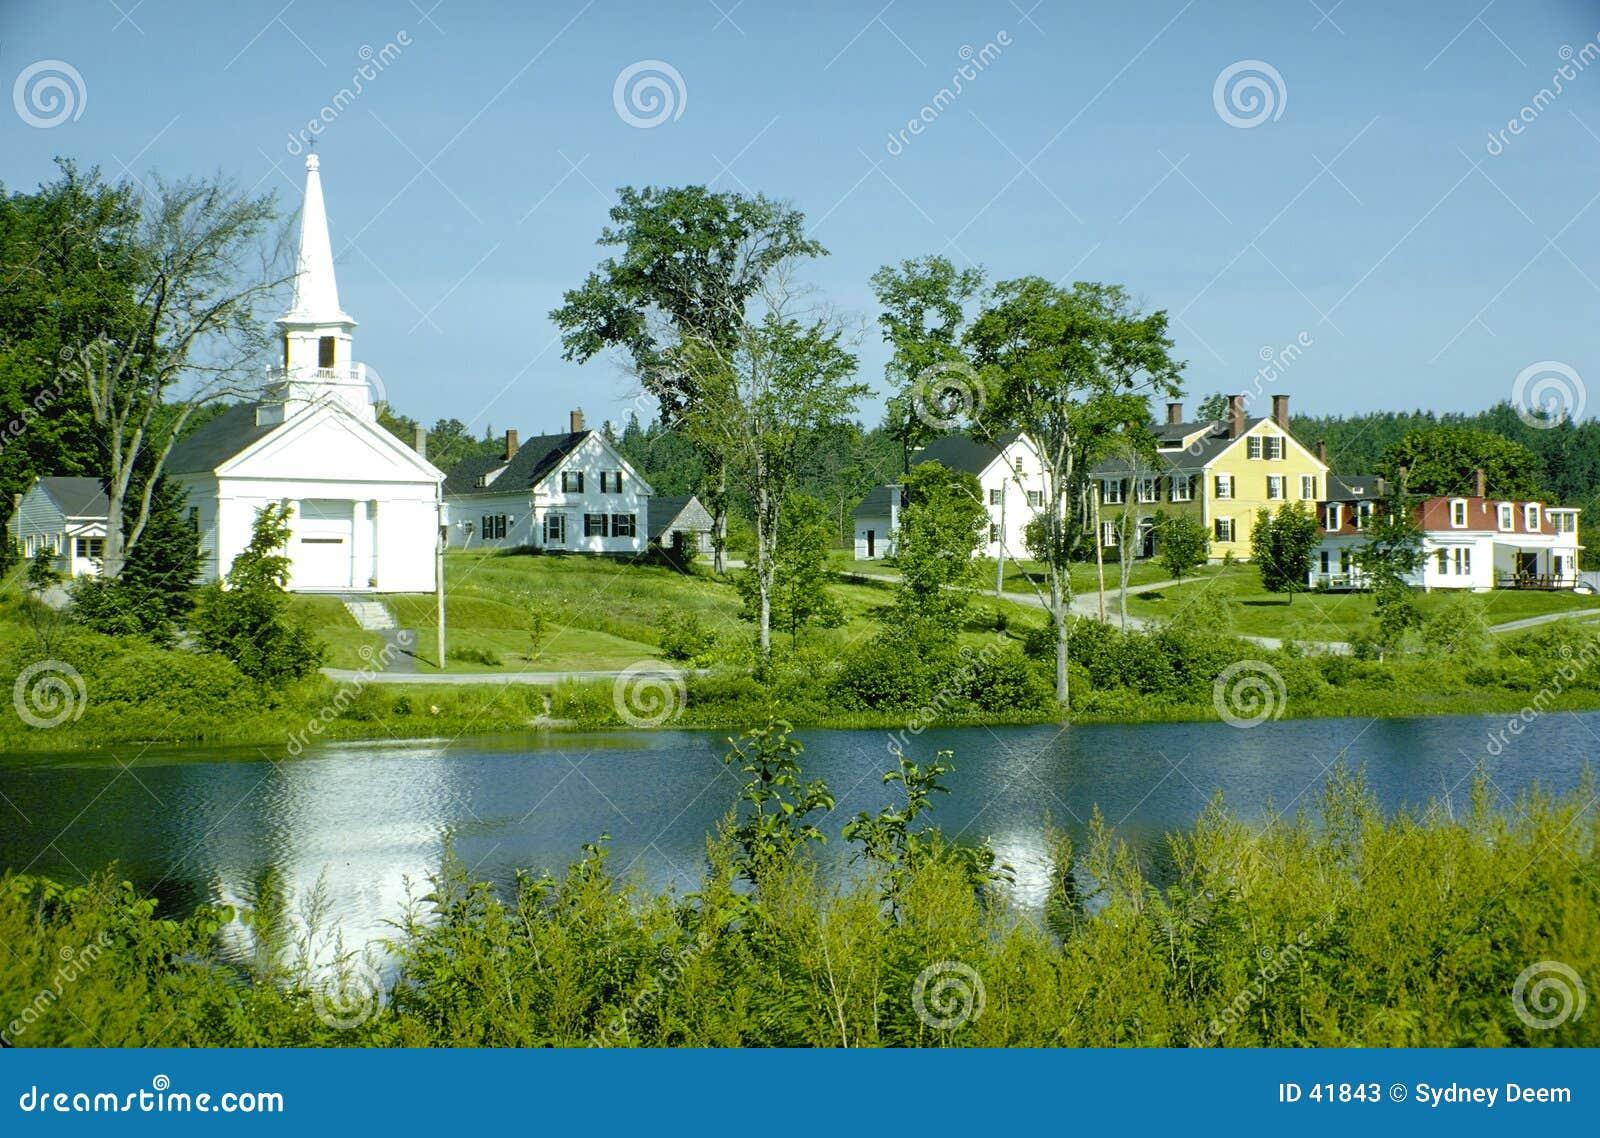 Download Aldea de Nueva Inglaterra imagen de archivo. Imagen de árboles - 41843